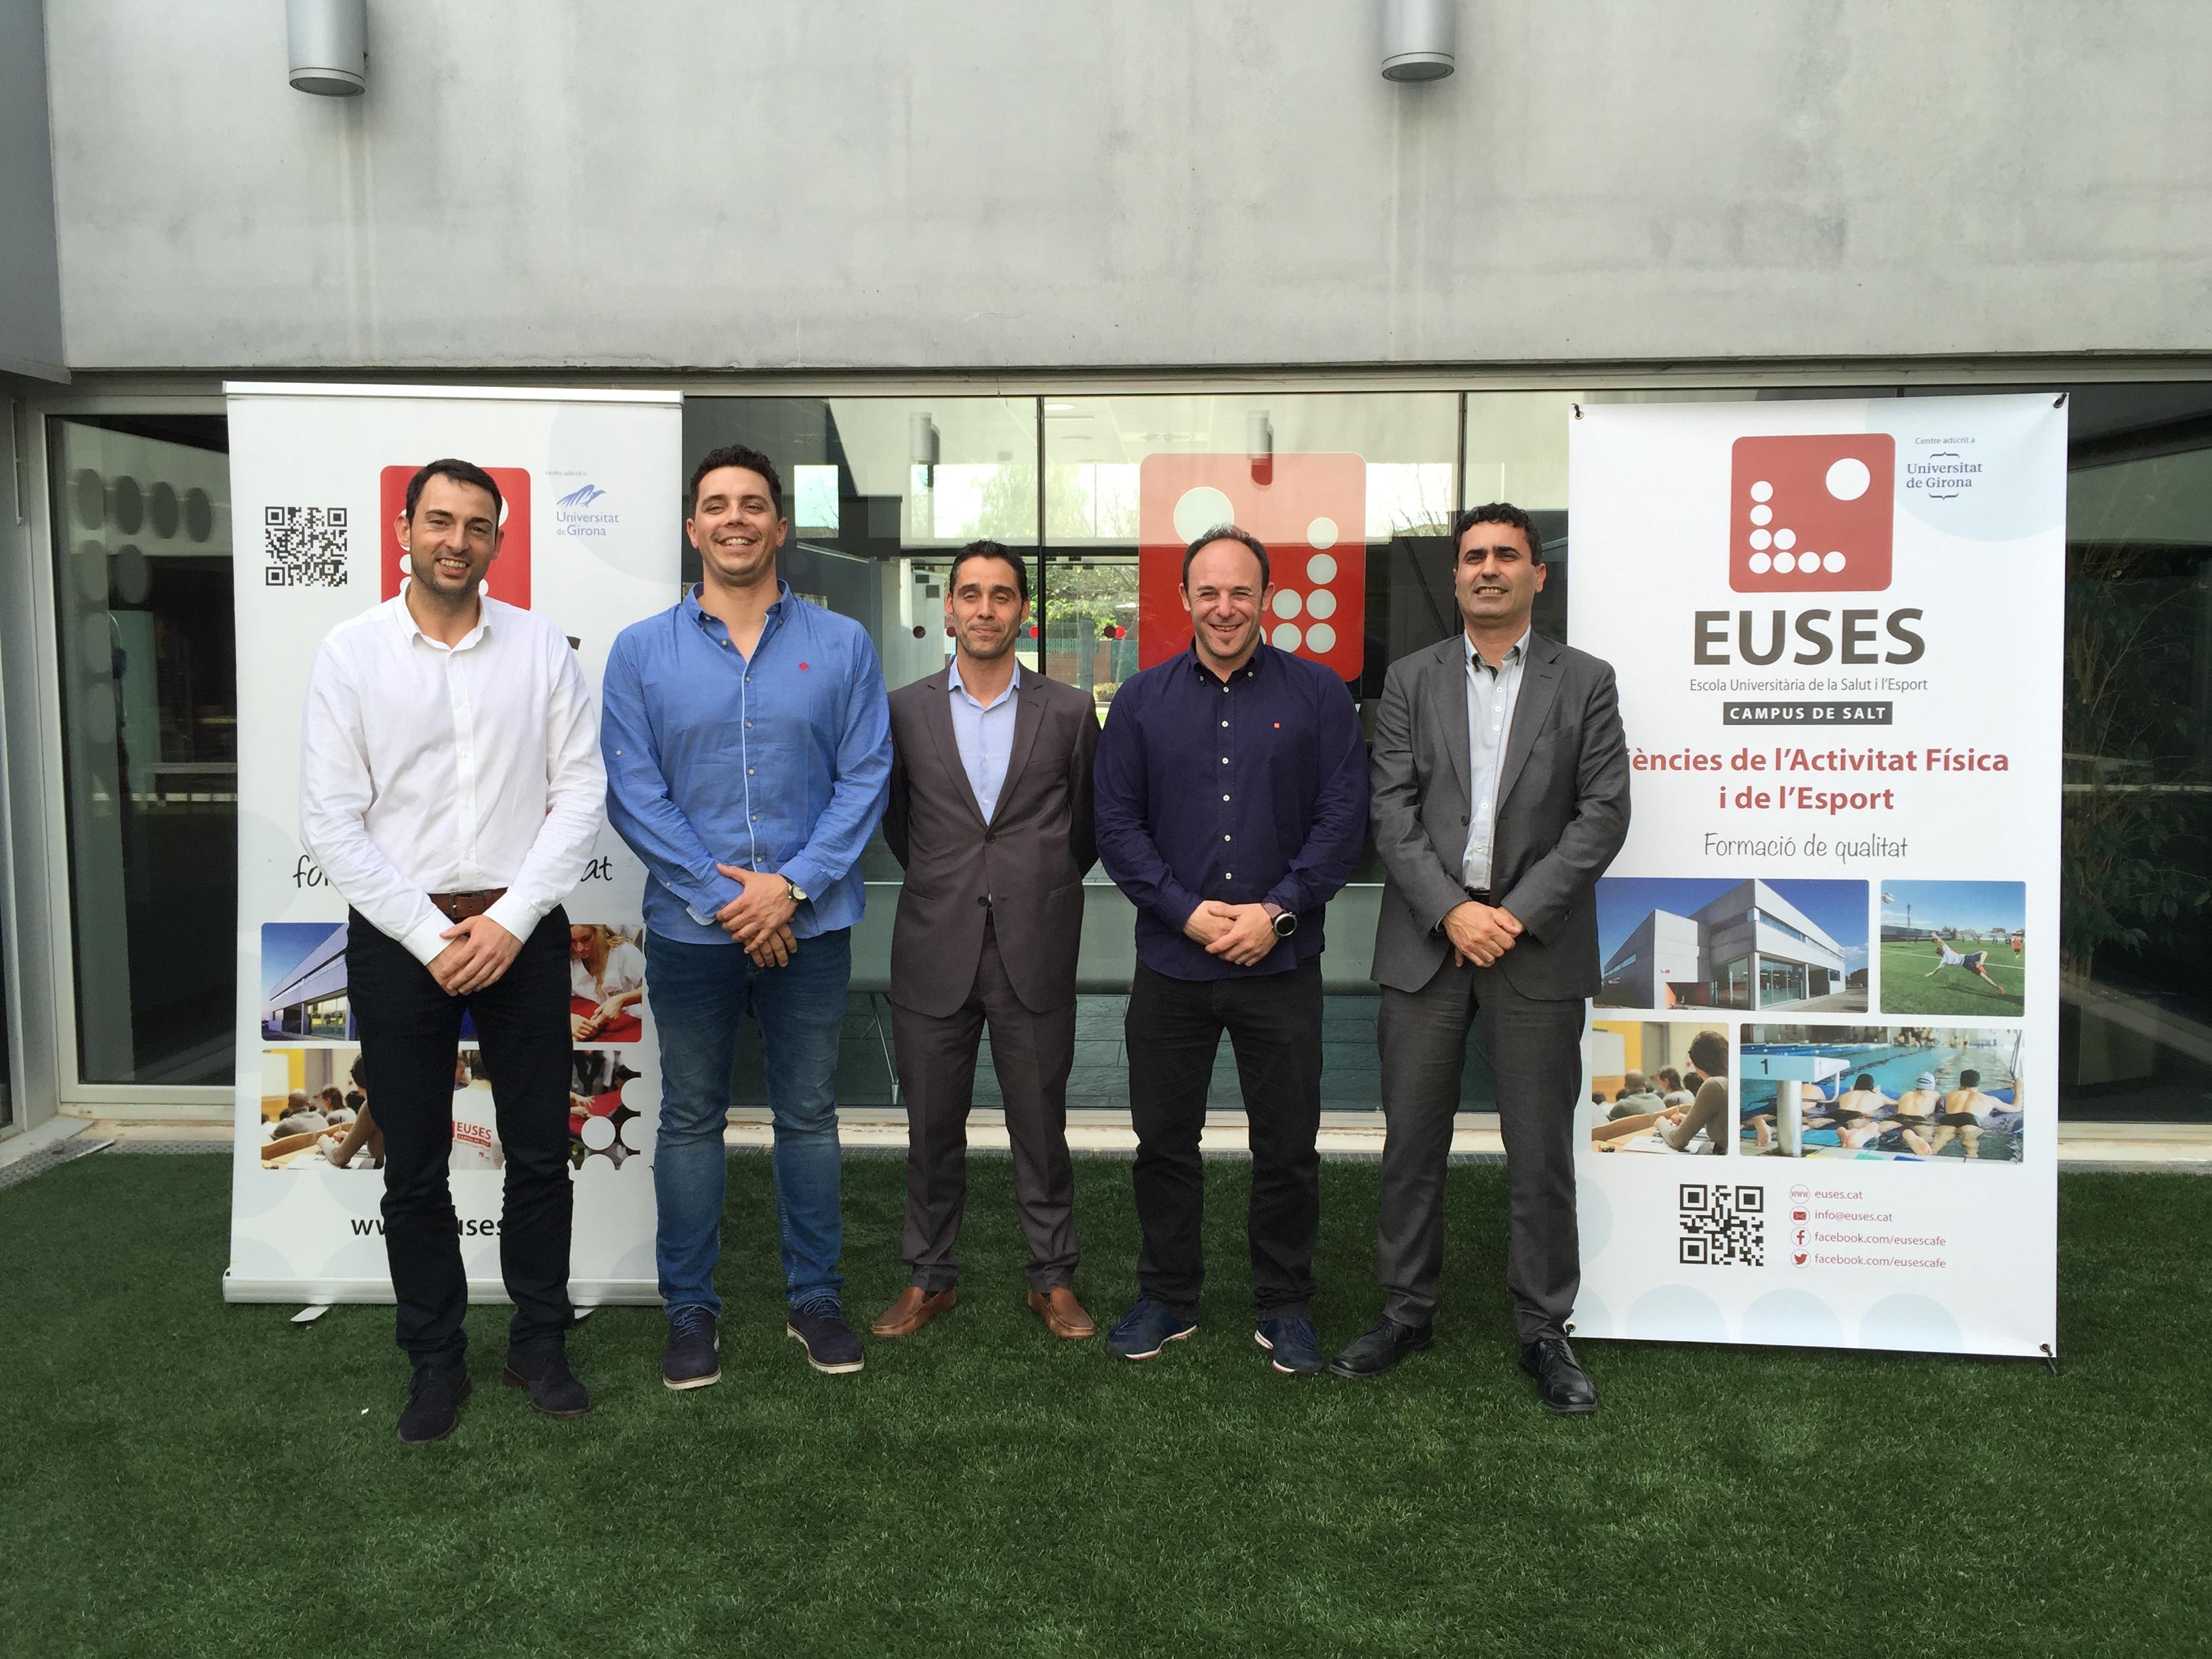 L'Escola Universitària de la Salut i l'Esport signa un conveni amb el centre de rendiment esportiu Cenit